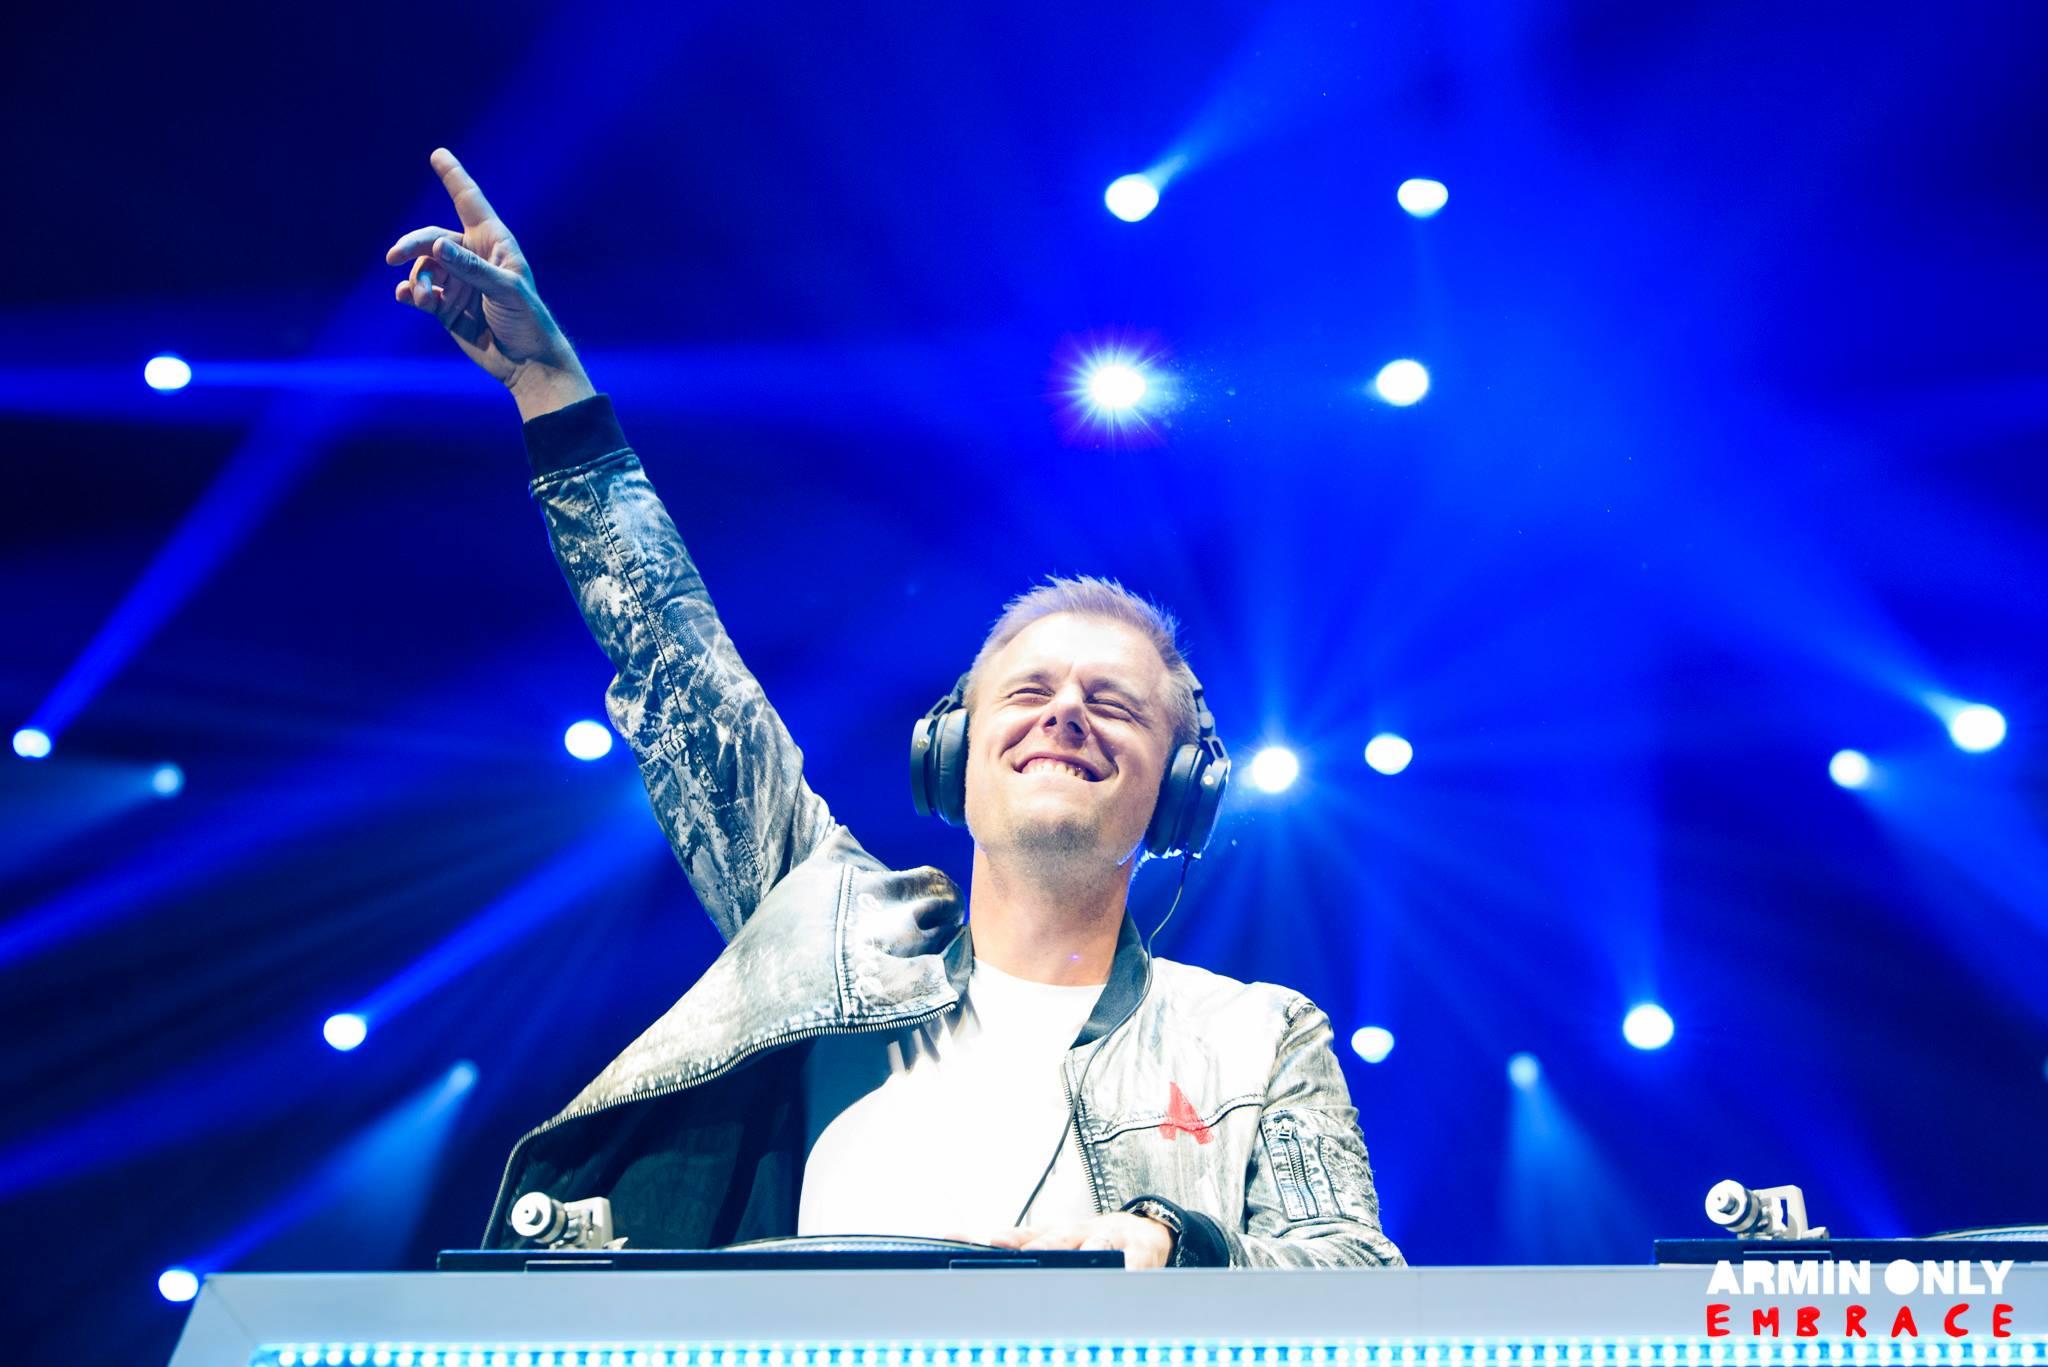 Armin Only Embrace – Огромное шоу в маленькой стране